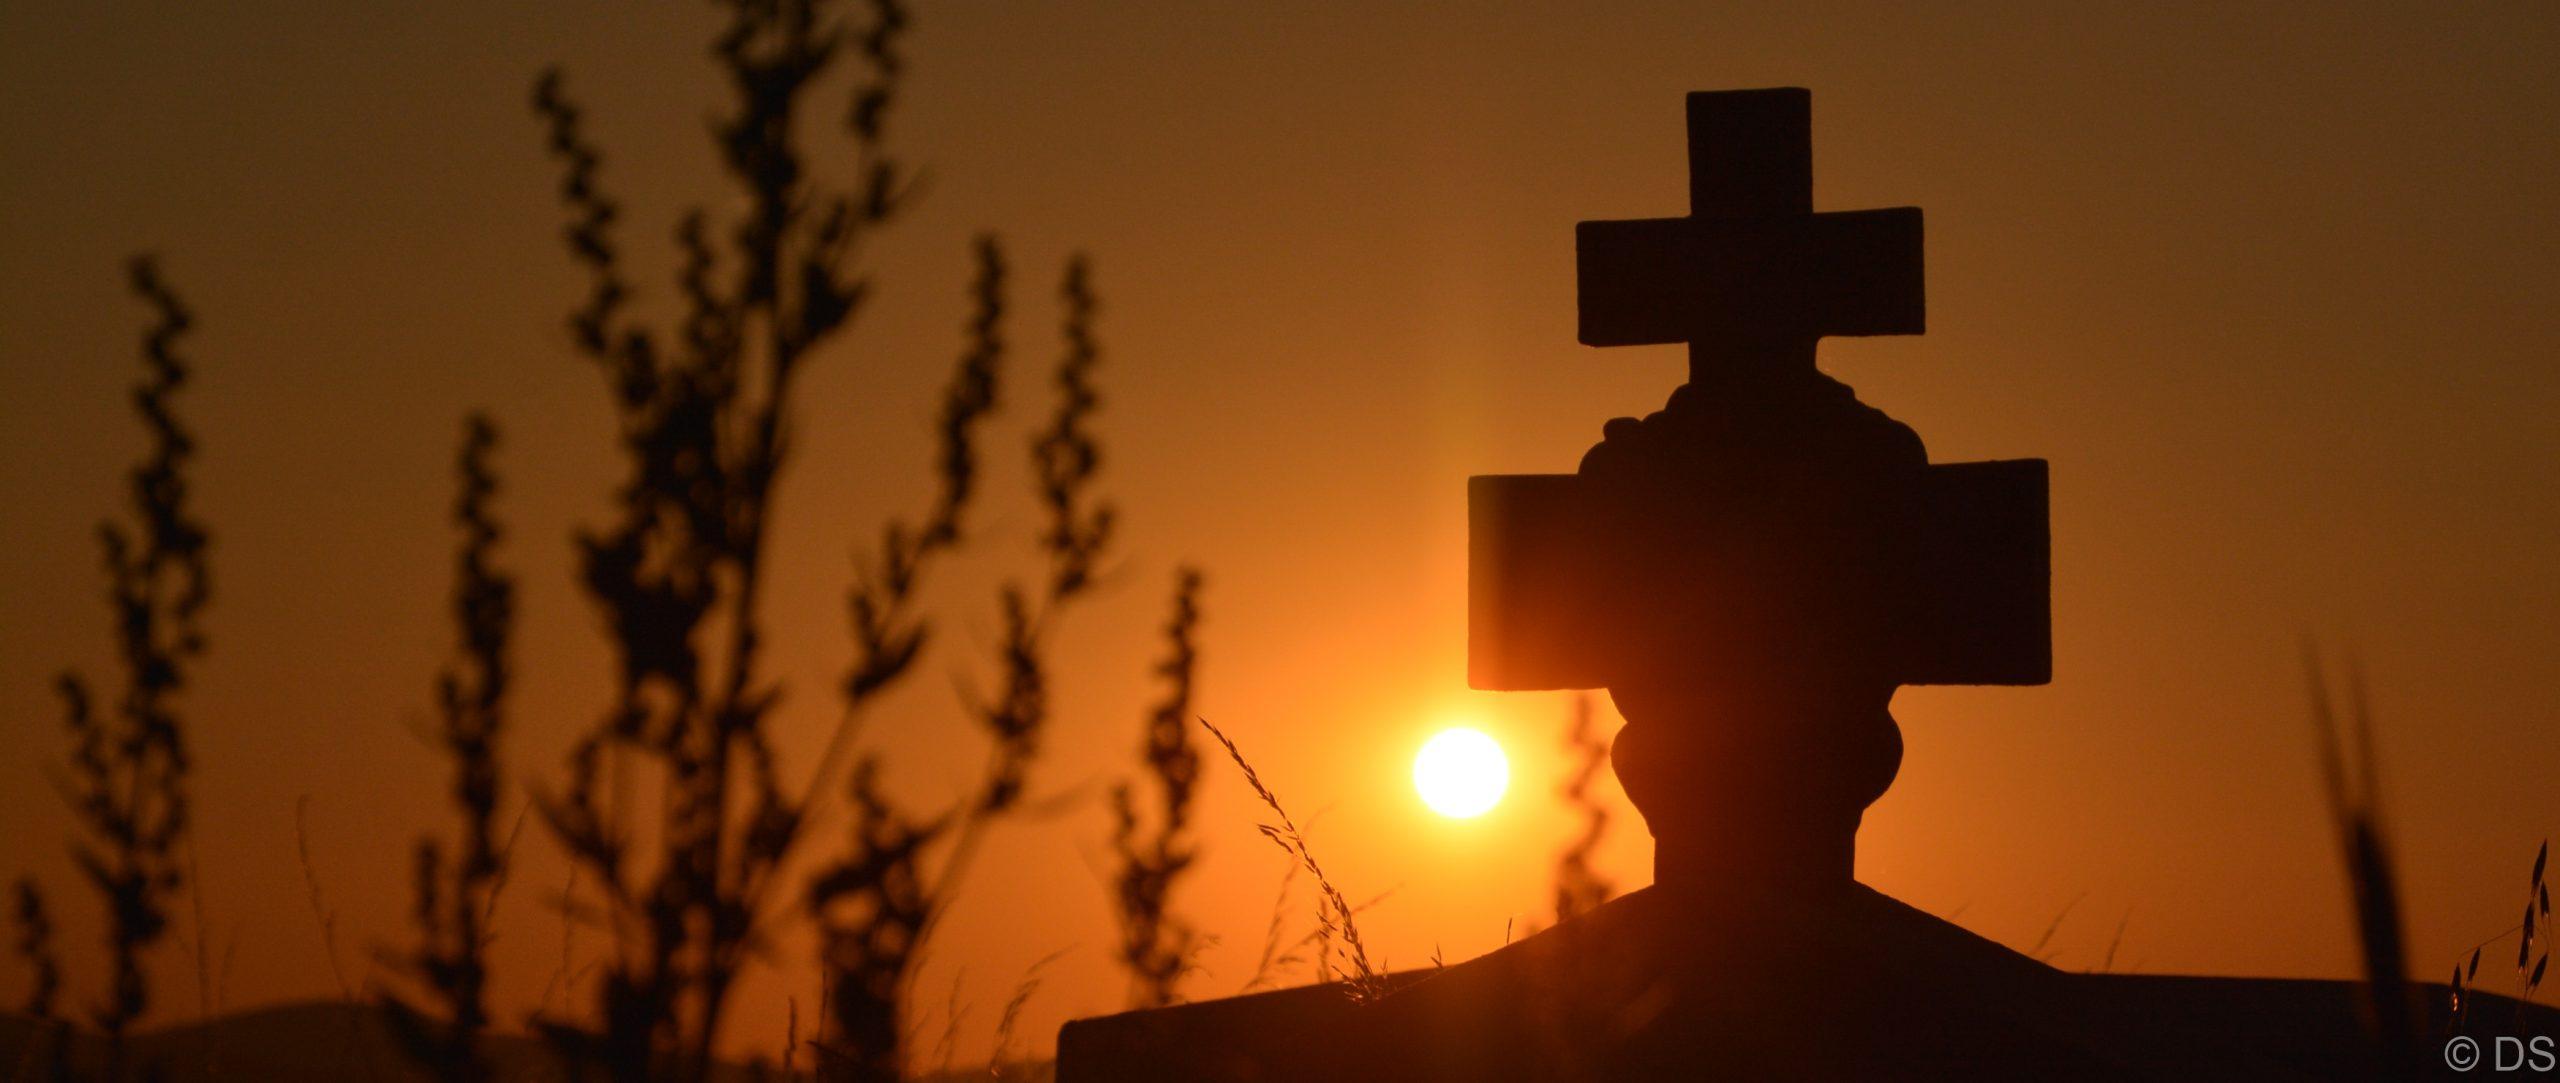 Fotografie cmentarzy z Wielkiej Wojny